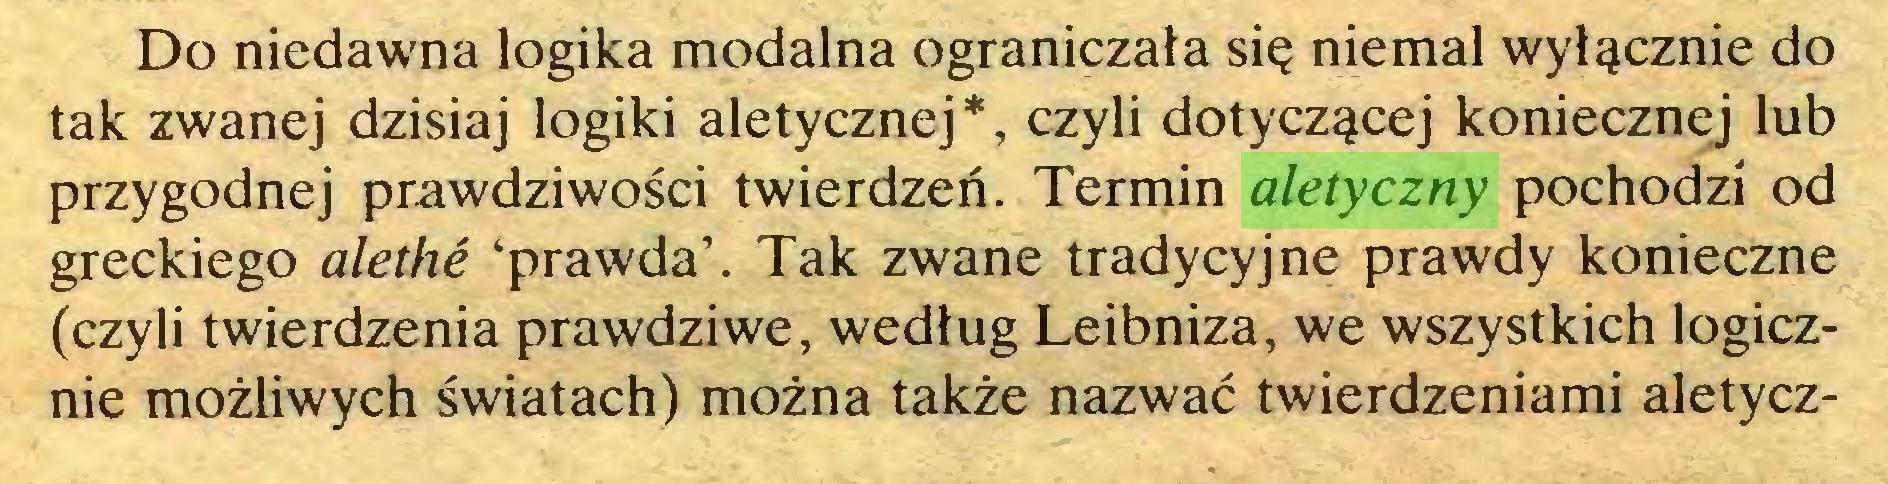 (...) Do niedawna logika modalna ograniczała się niemal wyłącznie do tak zwanej dzisiaj logiki aletycznej*, czyli dotyczącej koniecznej lub przygodnej prawdziwości twierdzeń. Termin aletyczny pochodzi od greckiego alethe 'prawda'. Tak zwane tradycyjne prawdy konieczne (czyli twierdzenia prawdziwe, według Leibniza, we wszystkich logicznie możliwych światach) można także nazwać twierdzeniami aletycz...